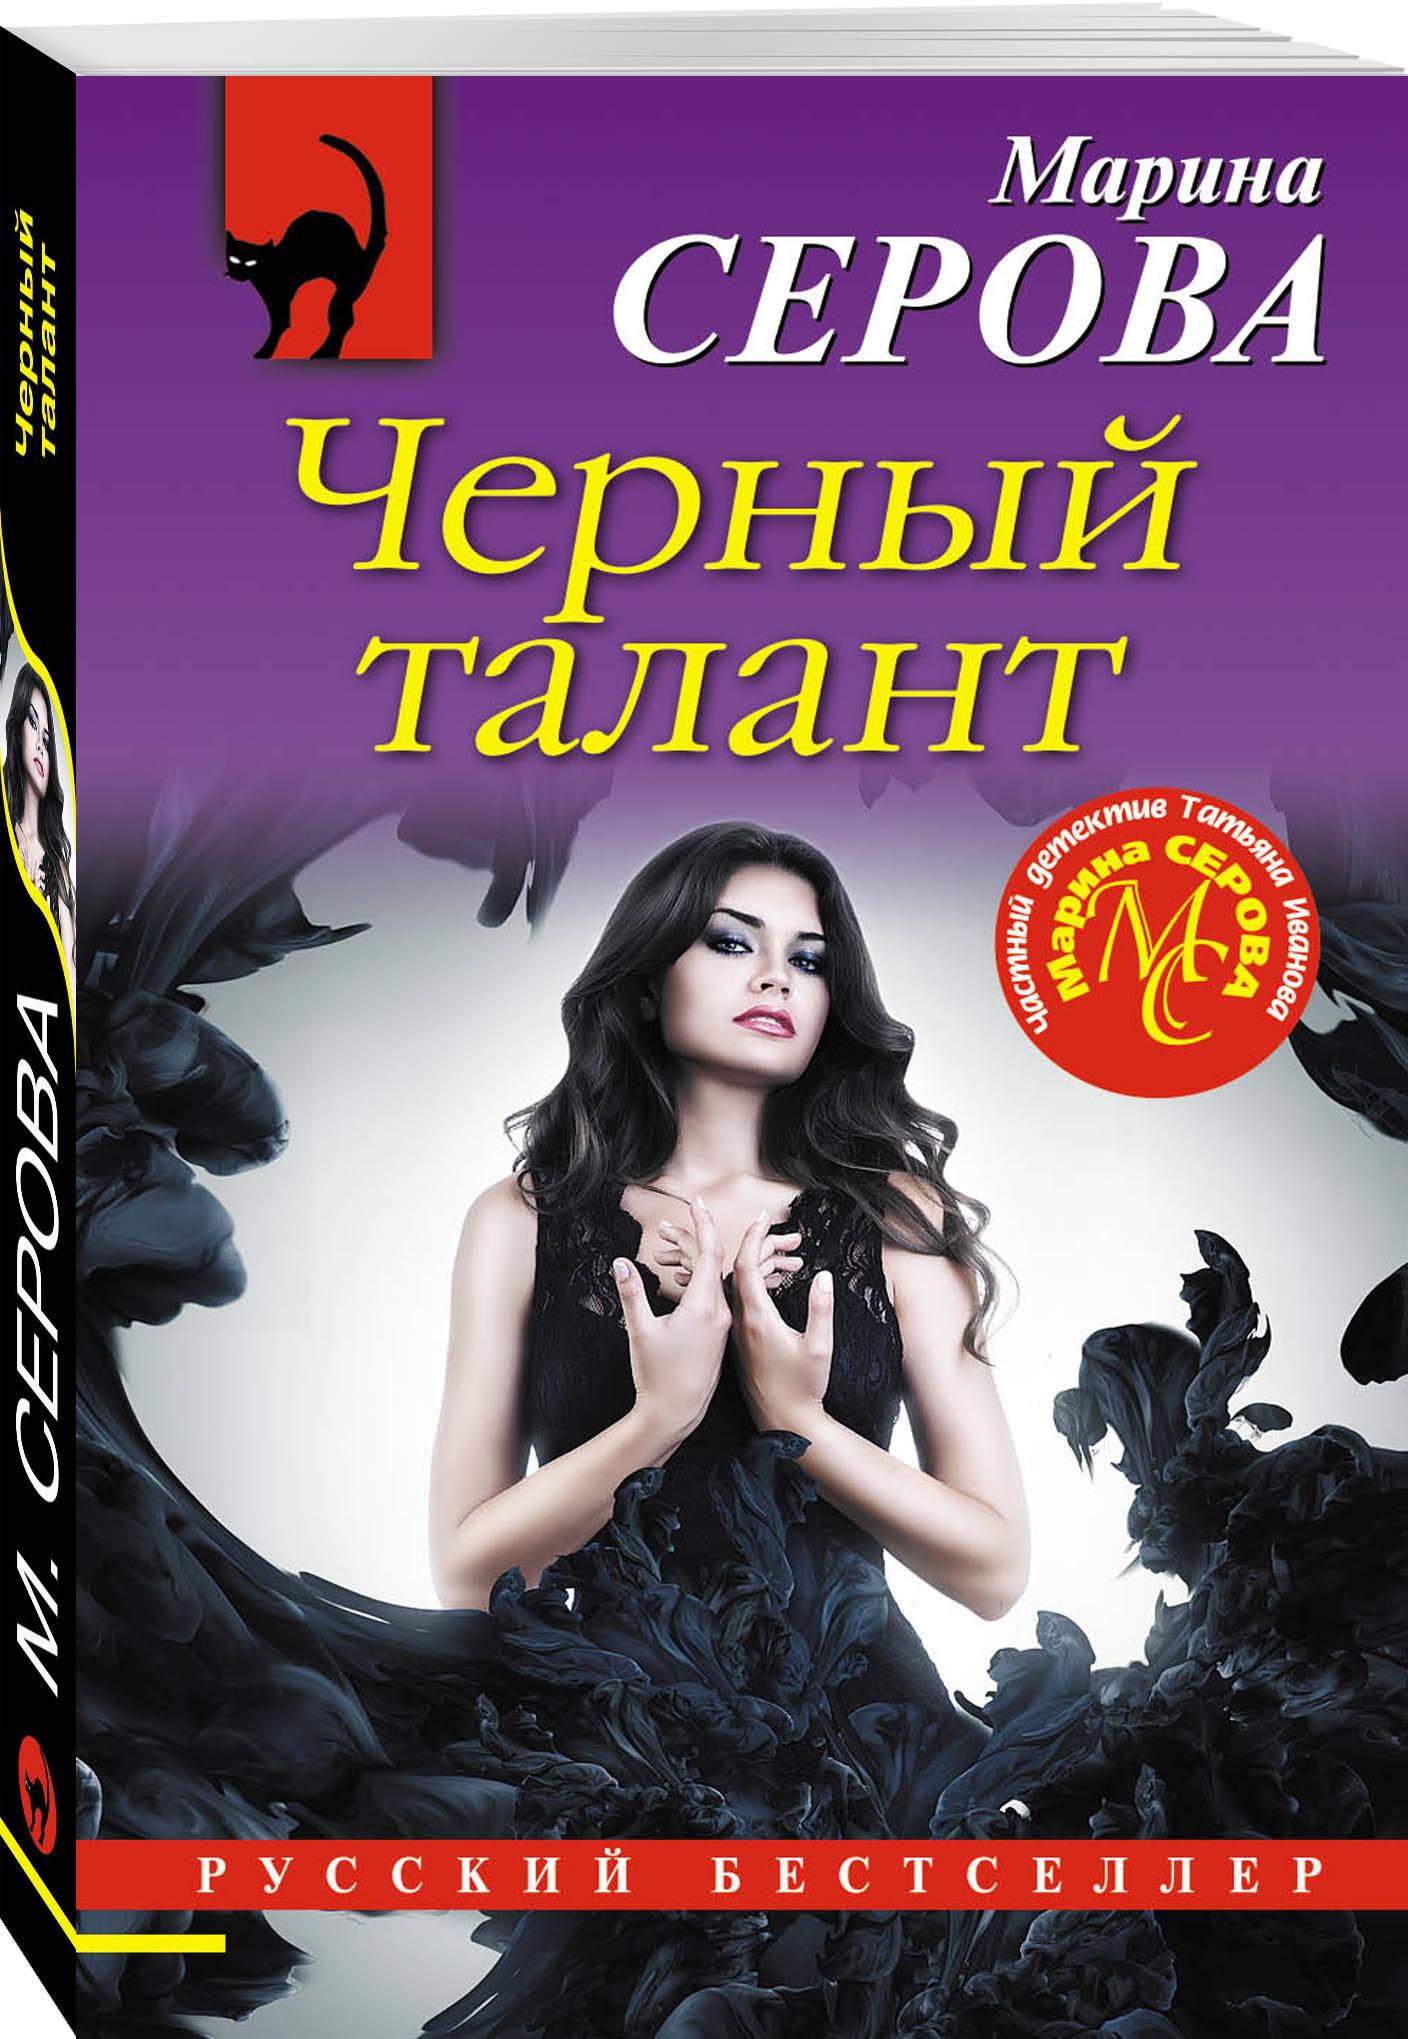 Марина Серова Черный талант